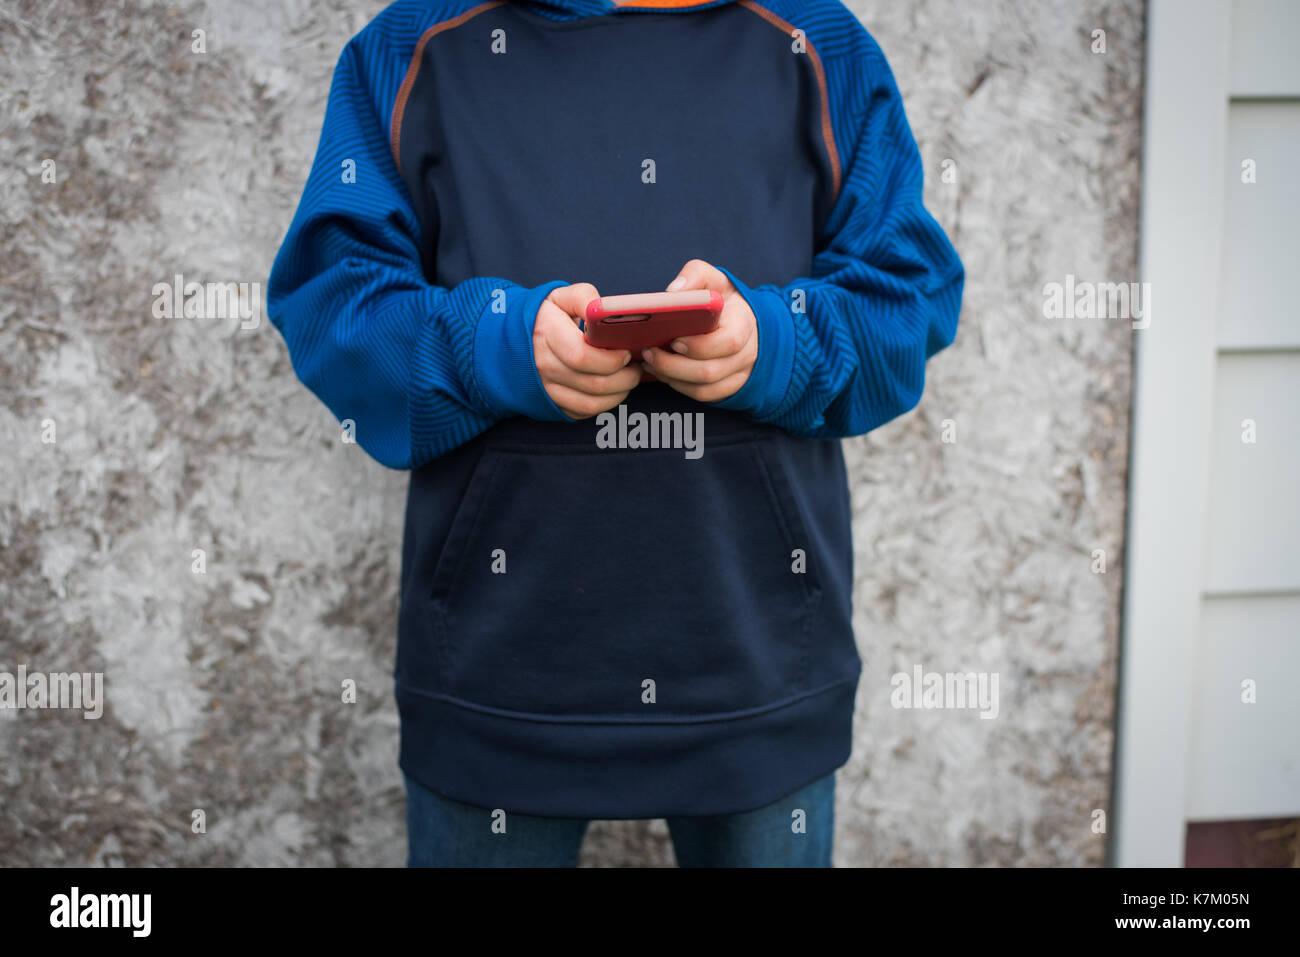 Un giovane ragazzo di testi su un telefono cellulare. Immagini Stock